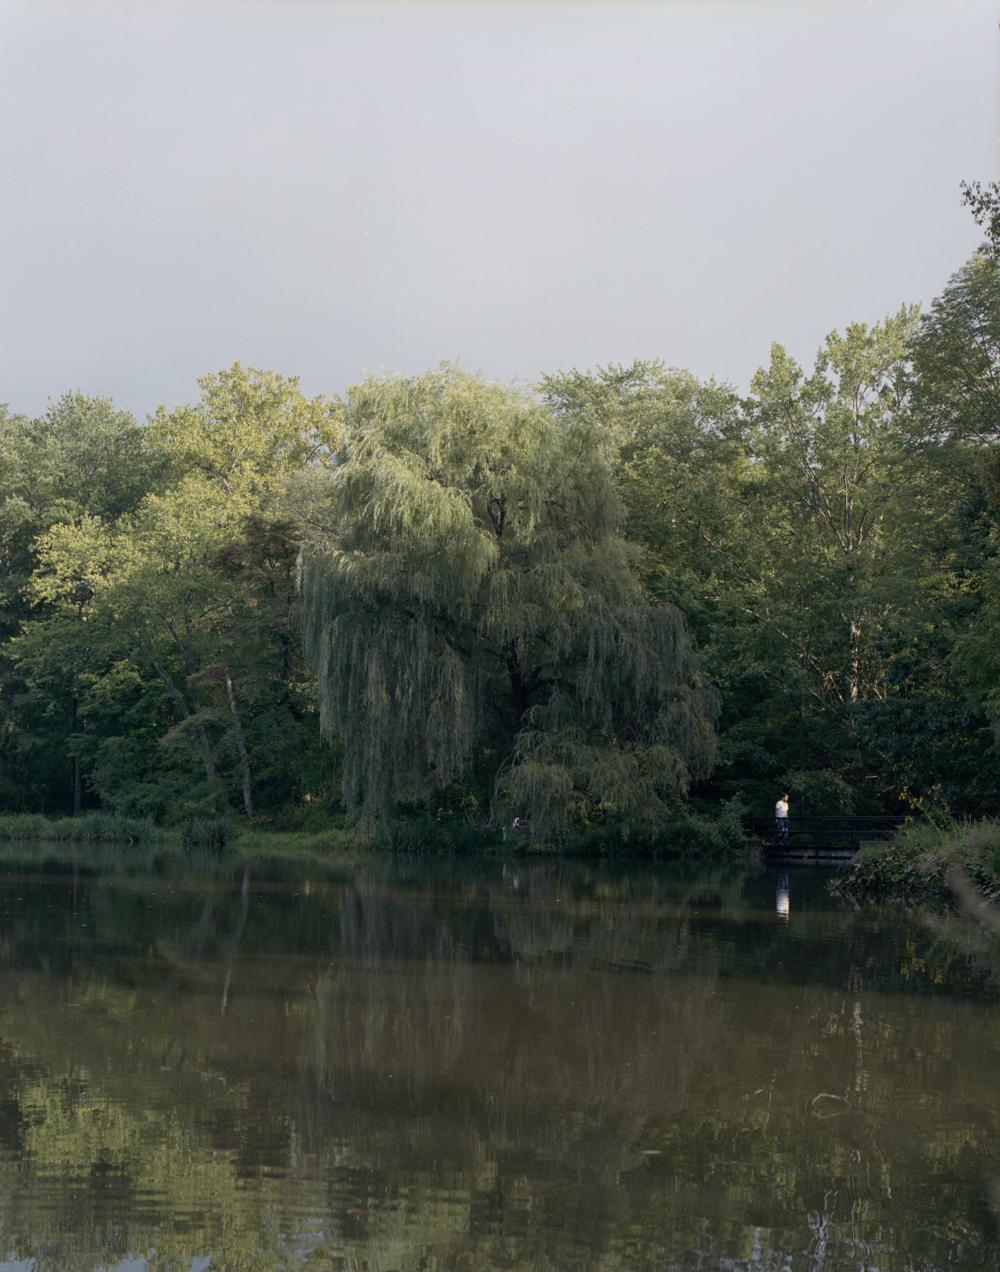 man and willow, Poughkeepsie NY 2017